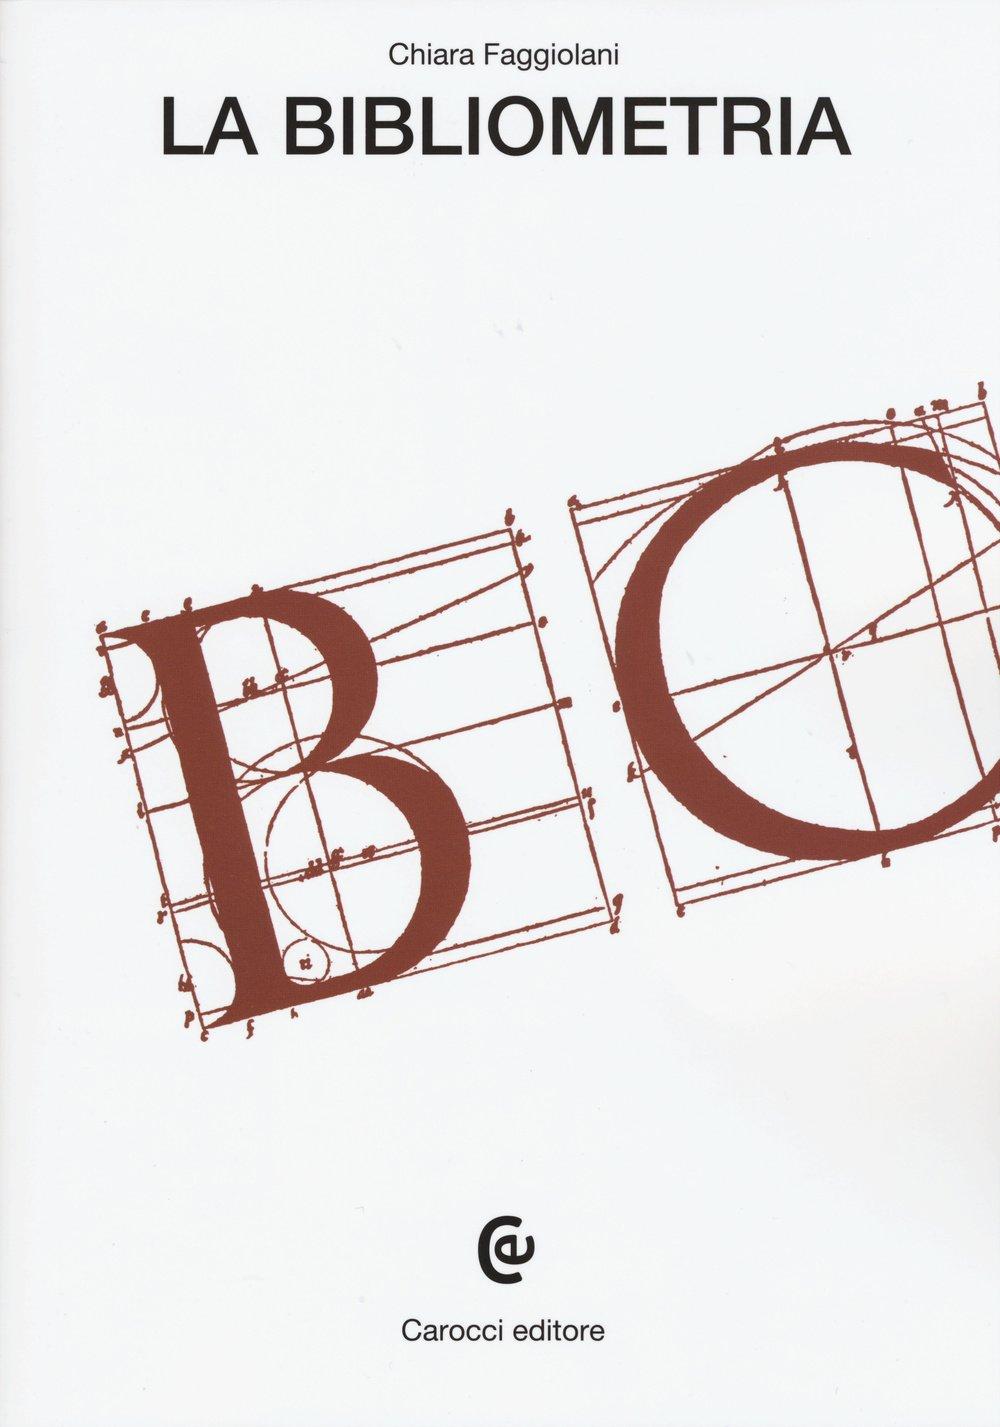 La bibliometria Copertina flessibile – 16 apr 2015 Chiara Faggiolani Carocci 8843076744 Testi scientifici